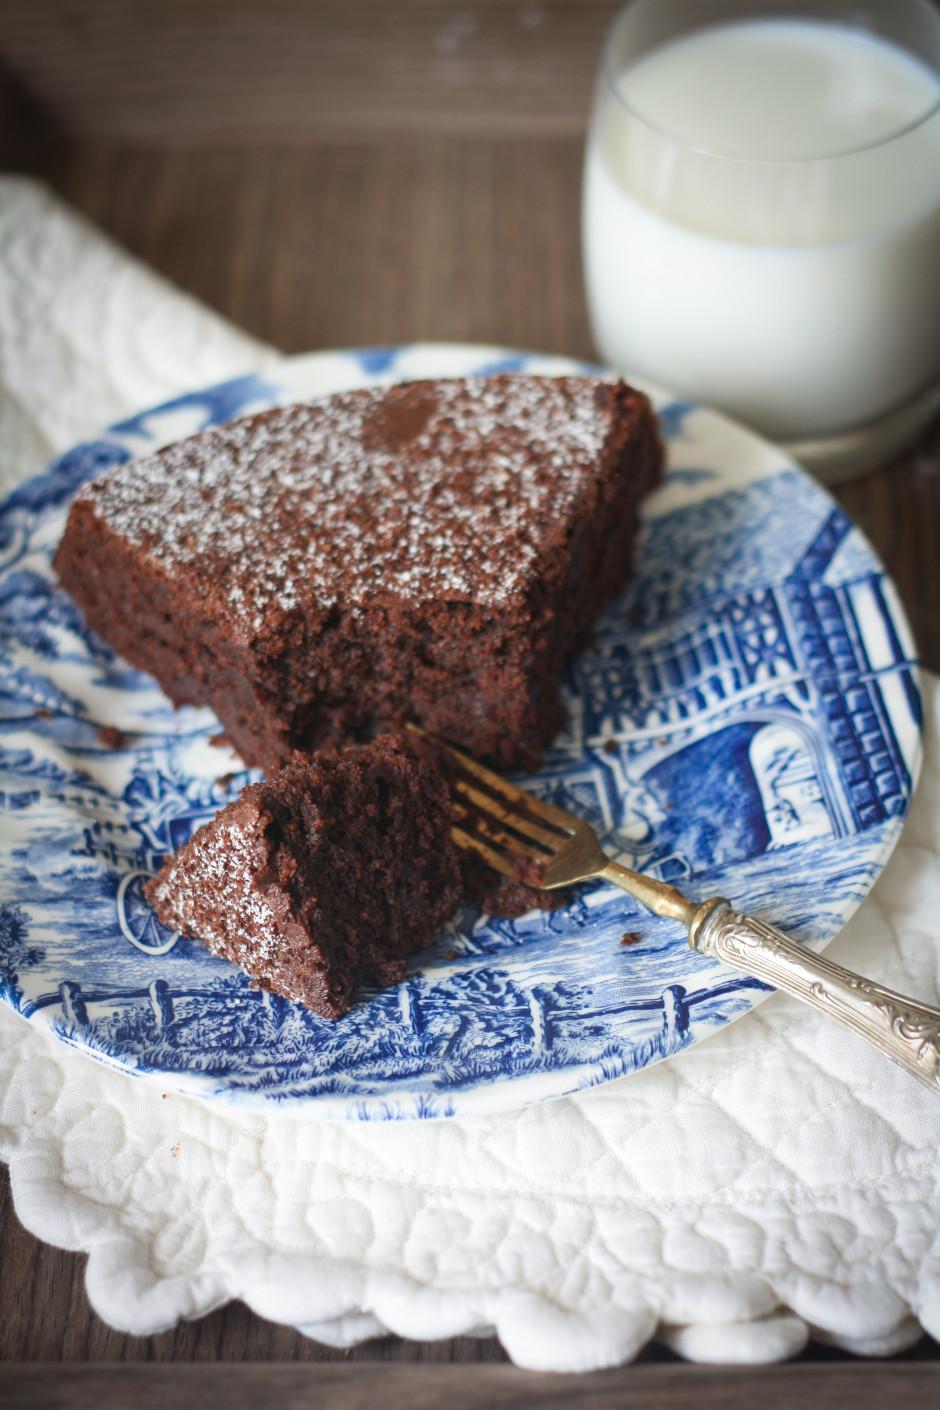 torta al cioccolato e barbabietole 940x1410 Torta al cioccolato e barbabietole